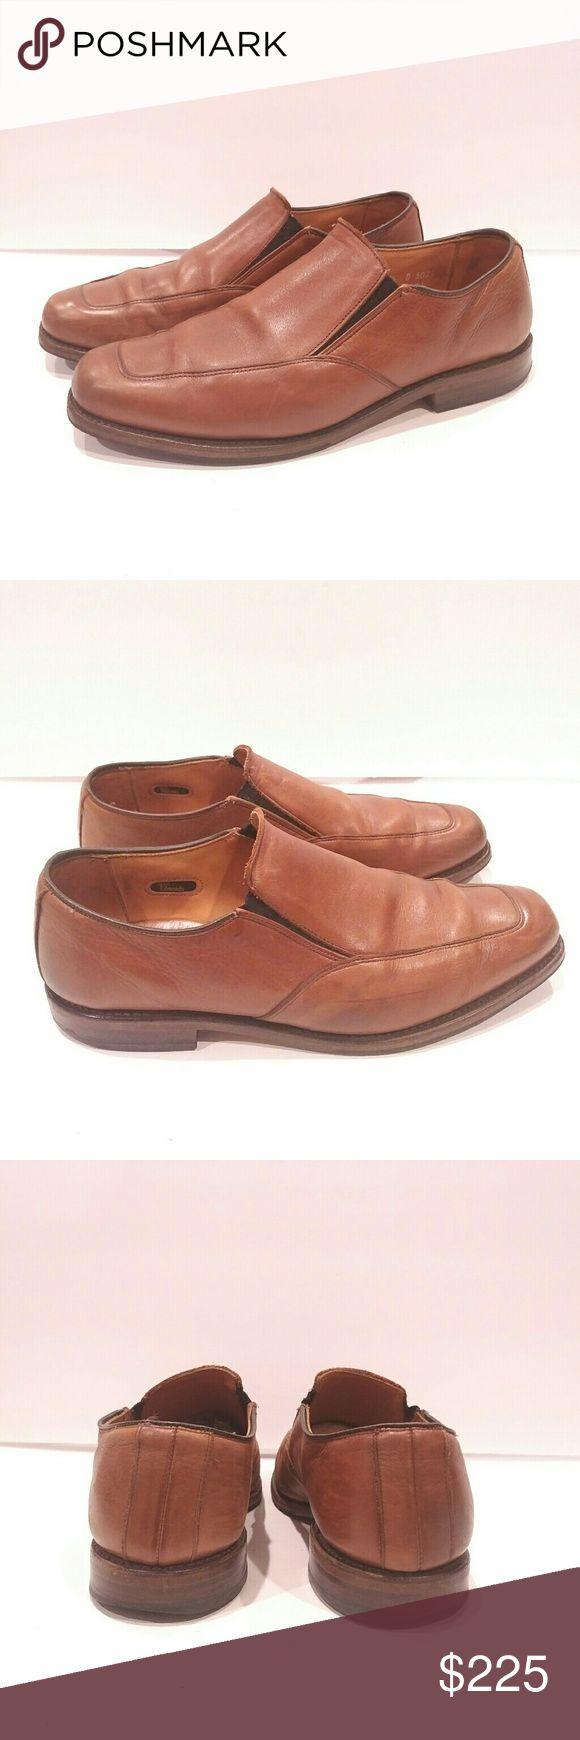 Allen edmonds mens slip on dress shoes 8.5 Allen edmonds mens shoes size 8.5 milford Venetian double gore loafer Allen Edmonds Shoes Loafers & Slip-Ons